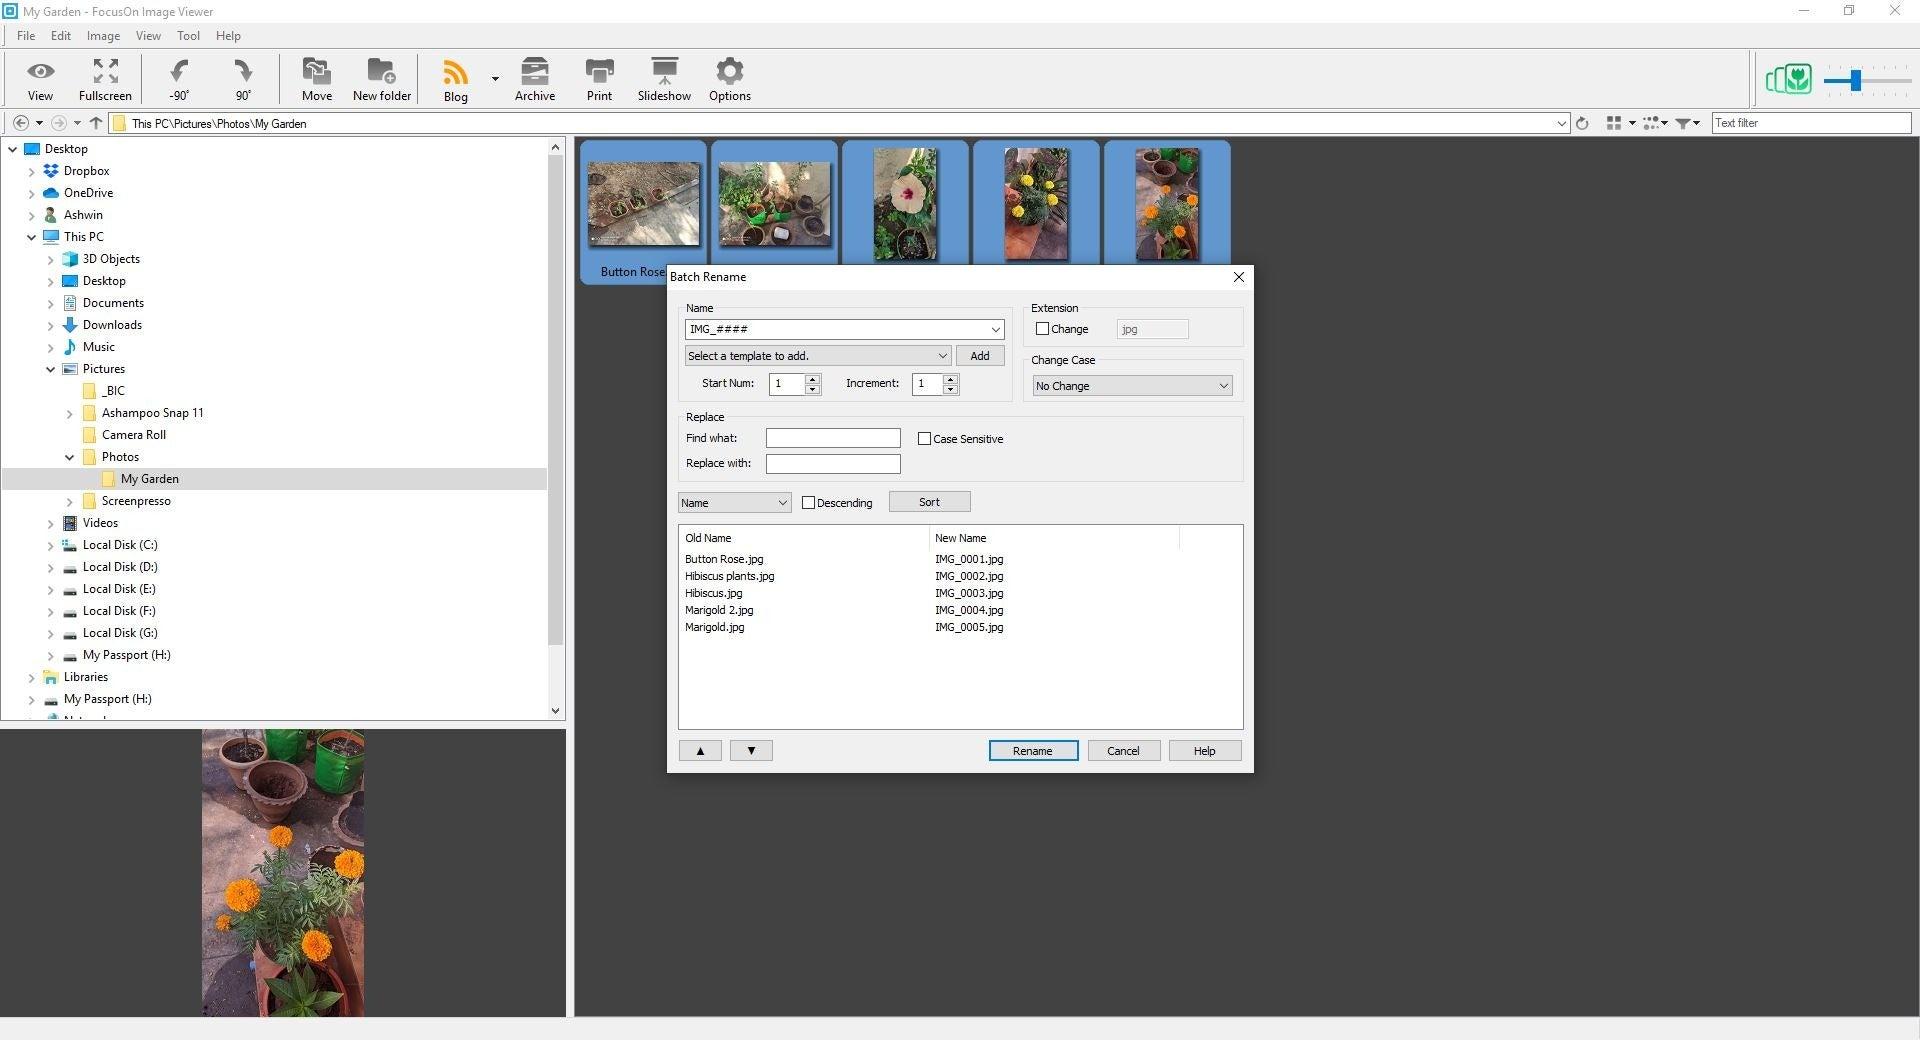 Herramienta de renombramiento de lotes del visor de imágenes FocusOn